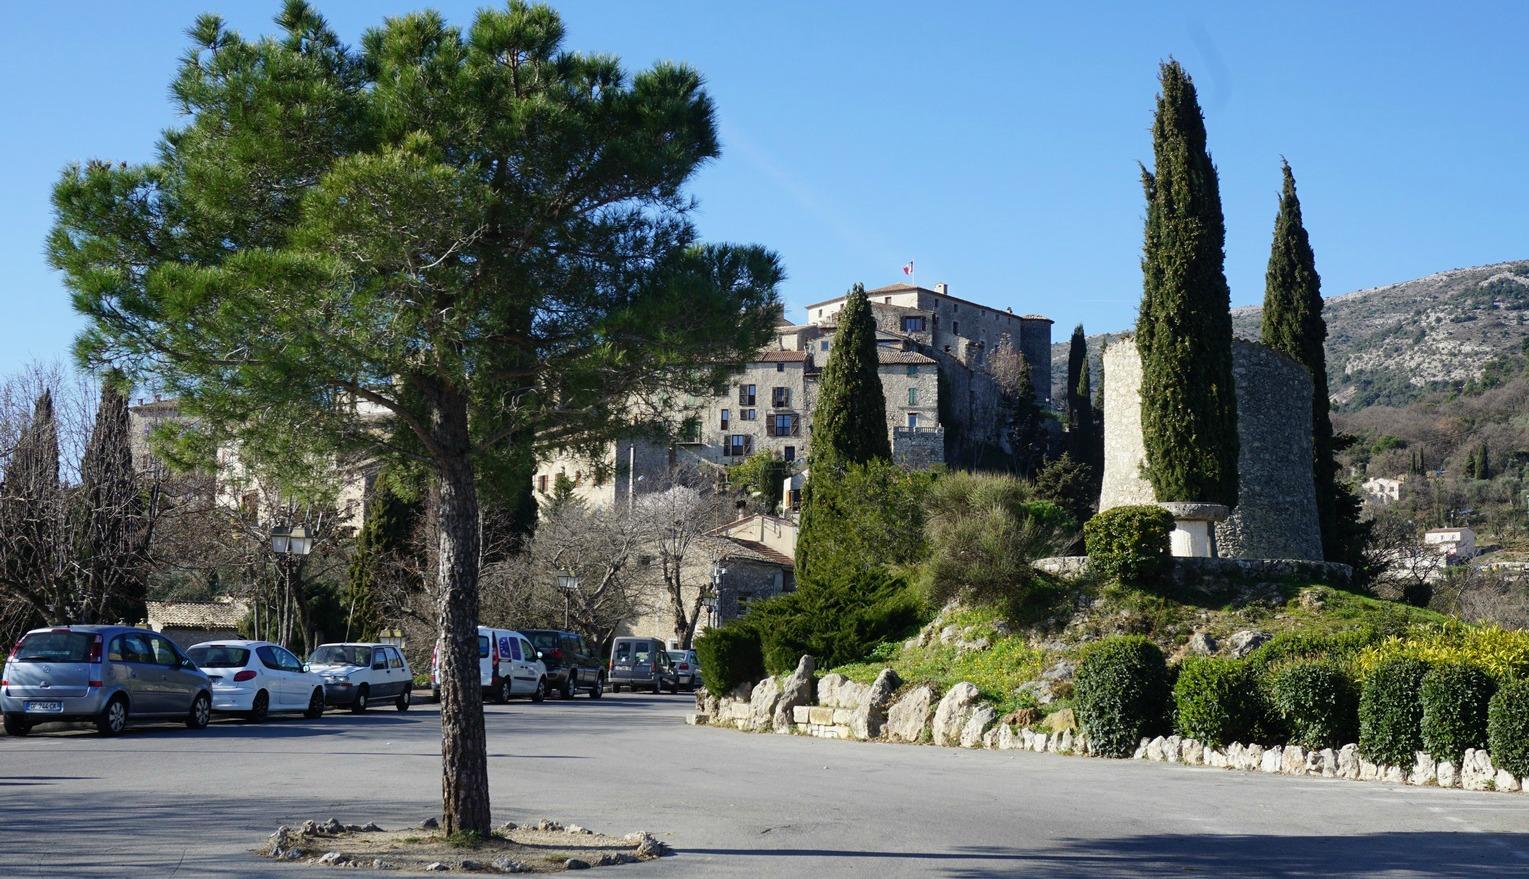 Carros Village